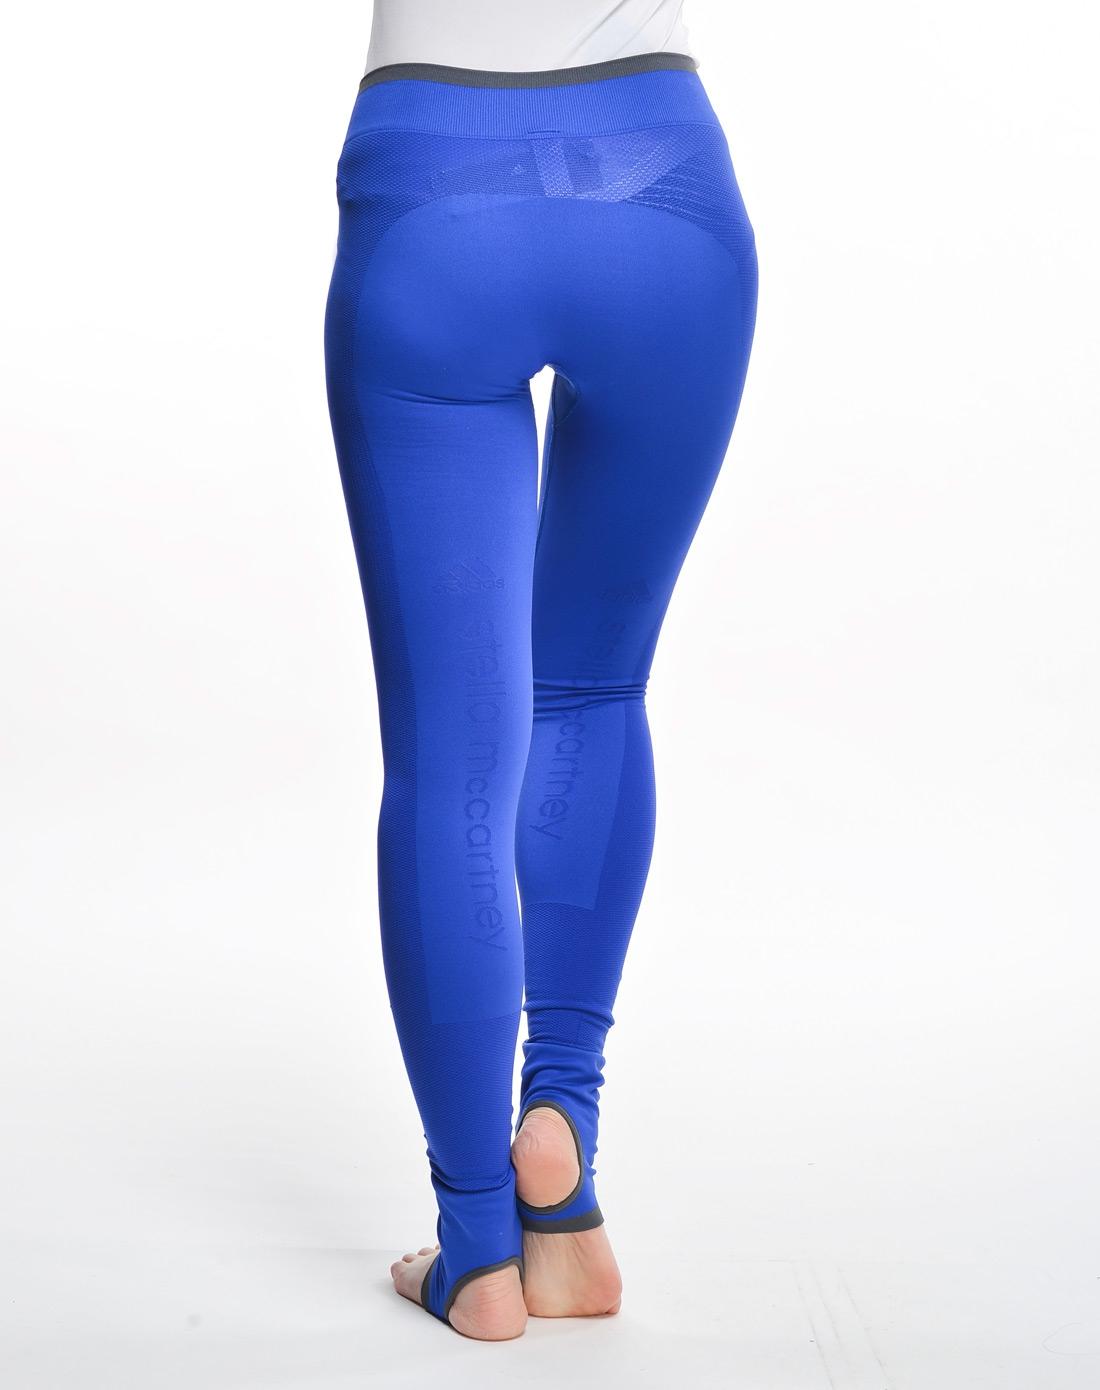 阿迪达斯adidas女子蓝色stella紧身裤x51159